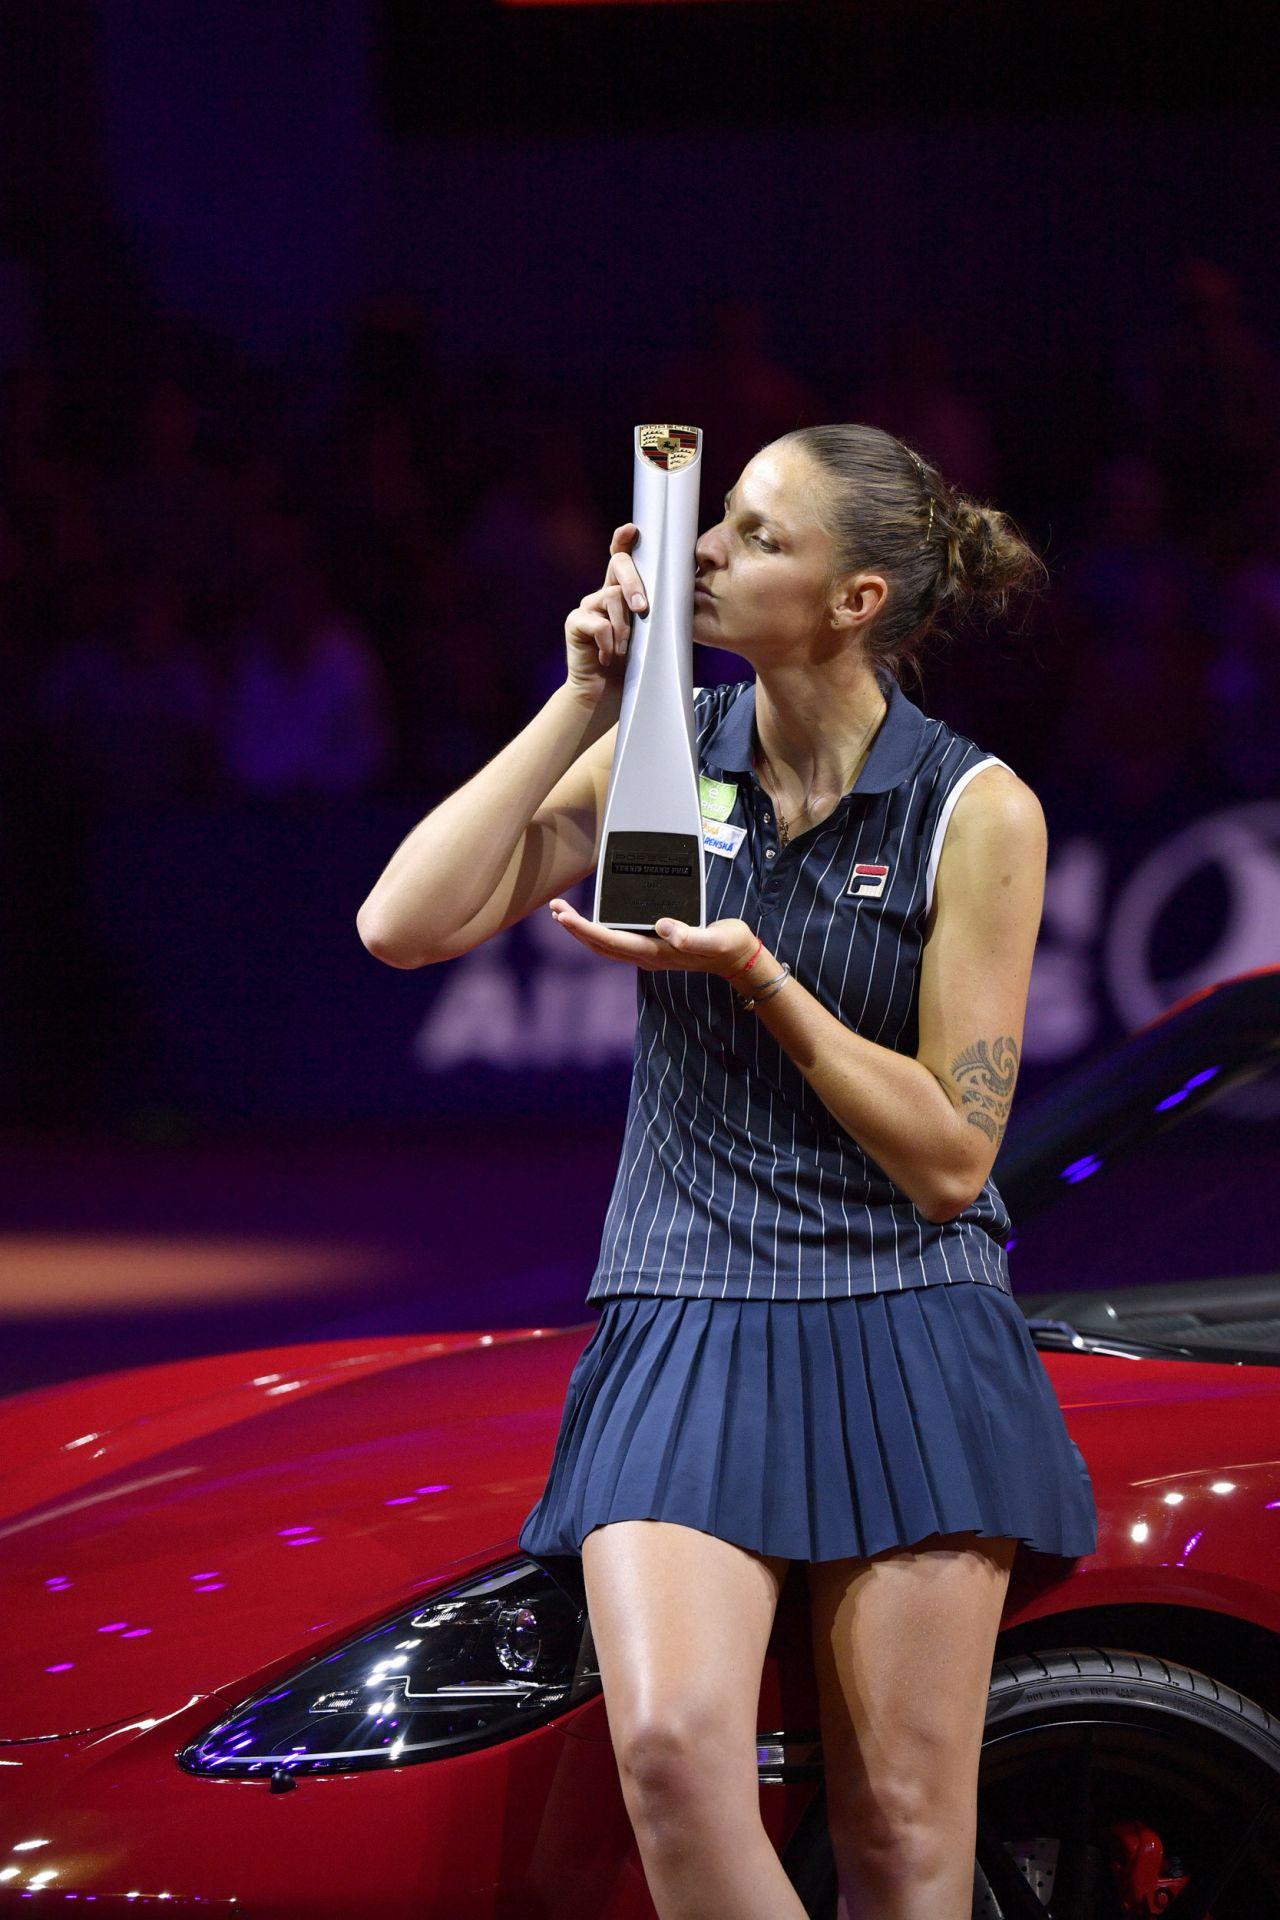 Us Grand Prix >> Karolina Pliskova – Porsche Tennis Grand Prix in Stuttgart 04/29/2018